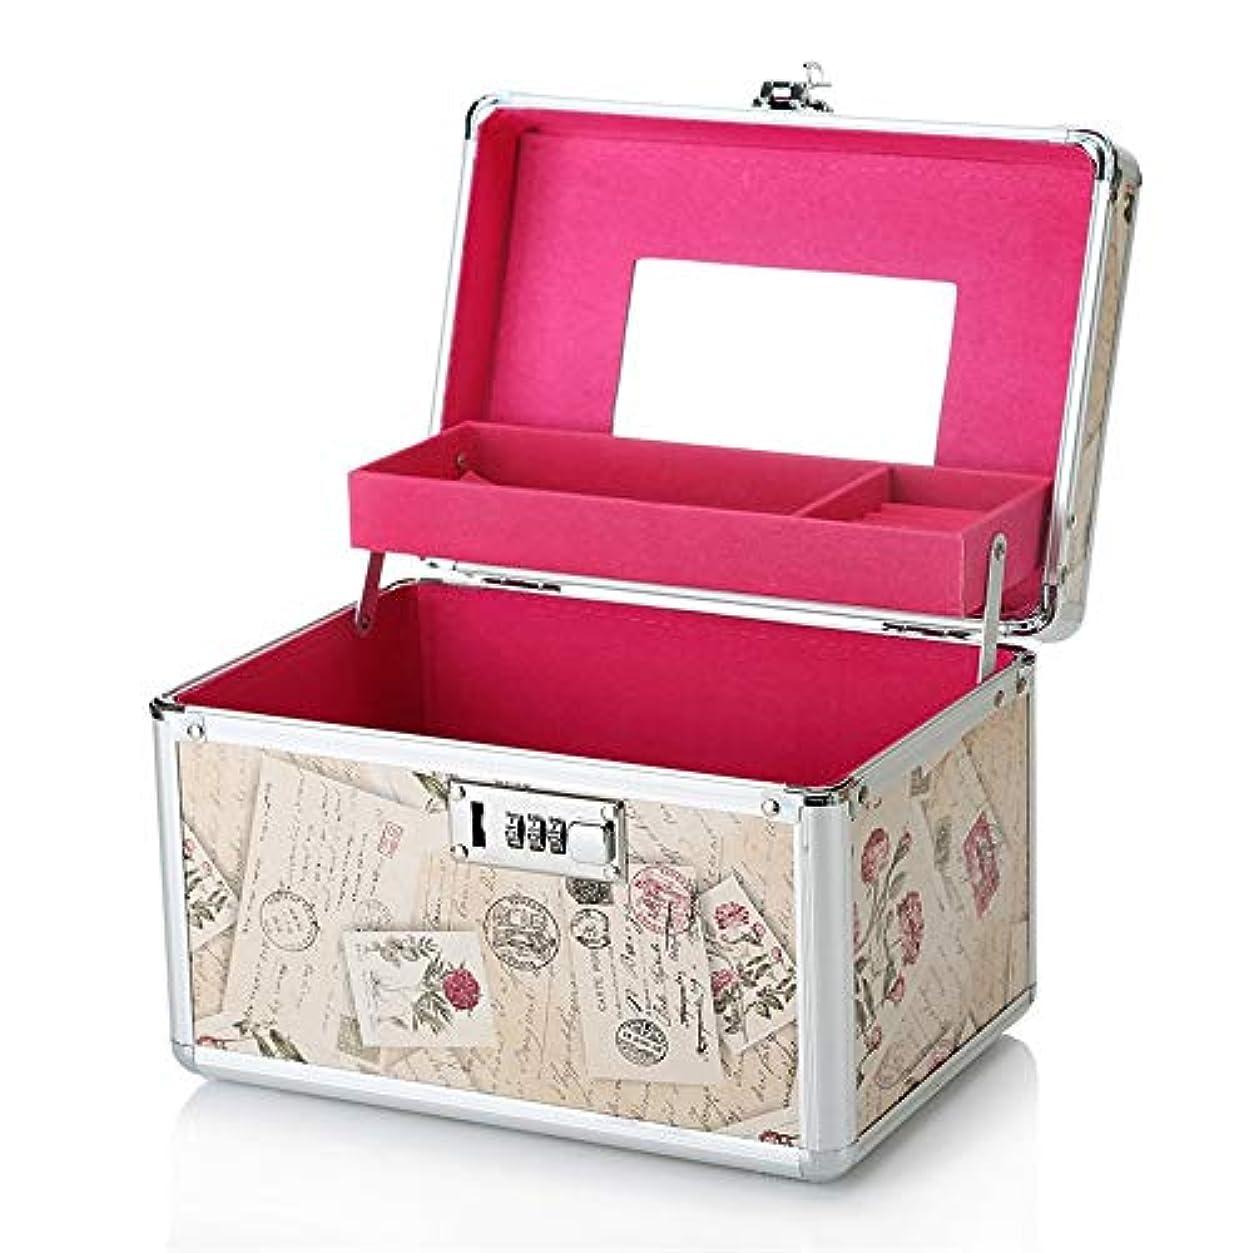 何でもビジターこれら特大スペース収納ビューティーボックス 美の構造のためそしてジッパーおよび折る皿が付いている女の子の女性旅行そして毎日の貯蔵のための高容量の携帯用化粧品袋 化粧品化粧台